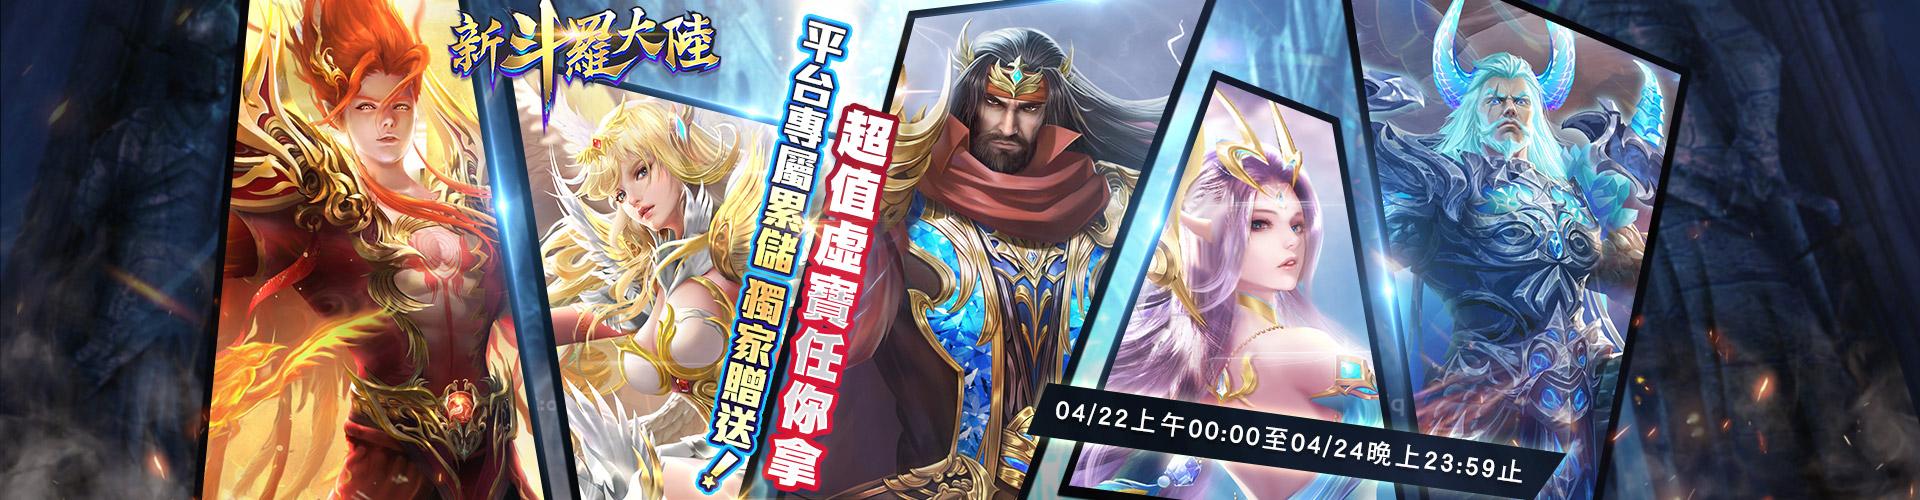 新斗羅0422-0424